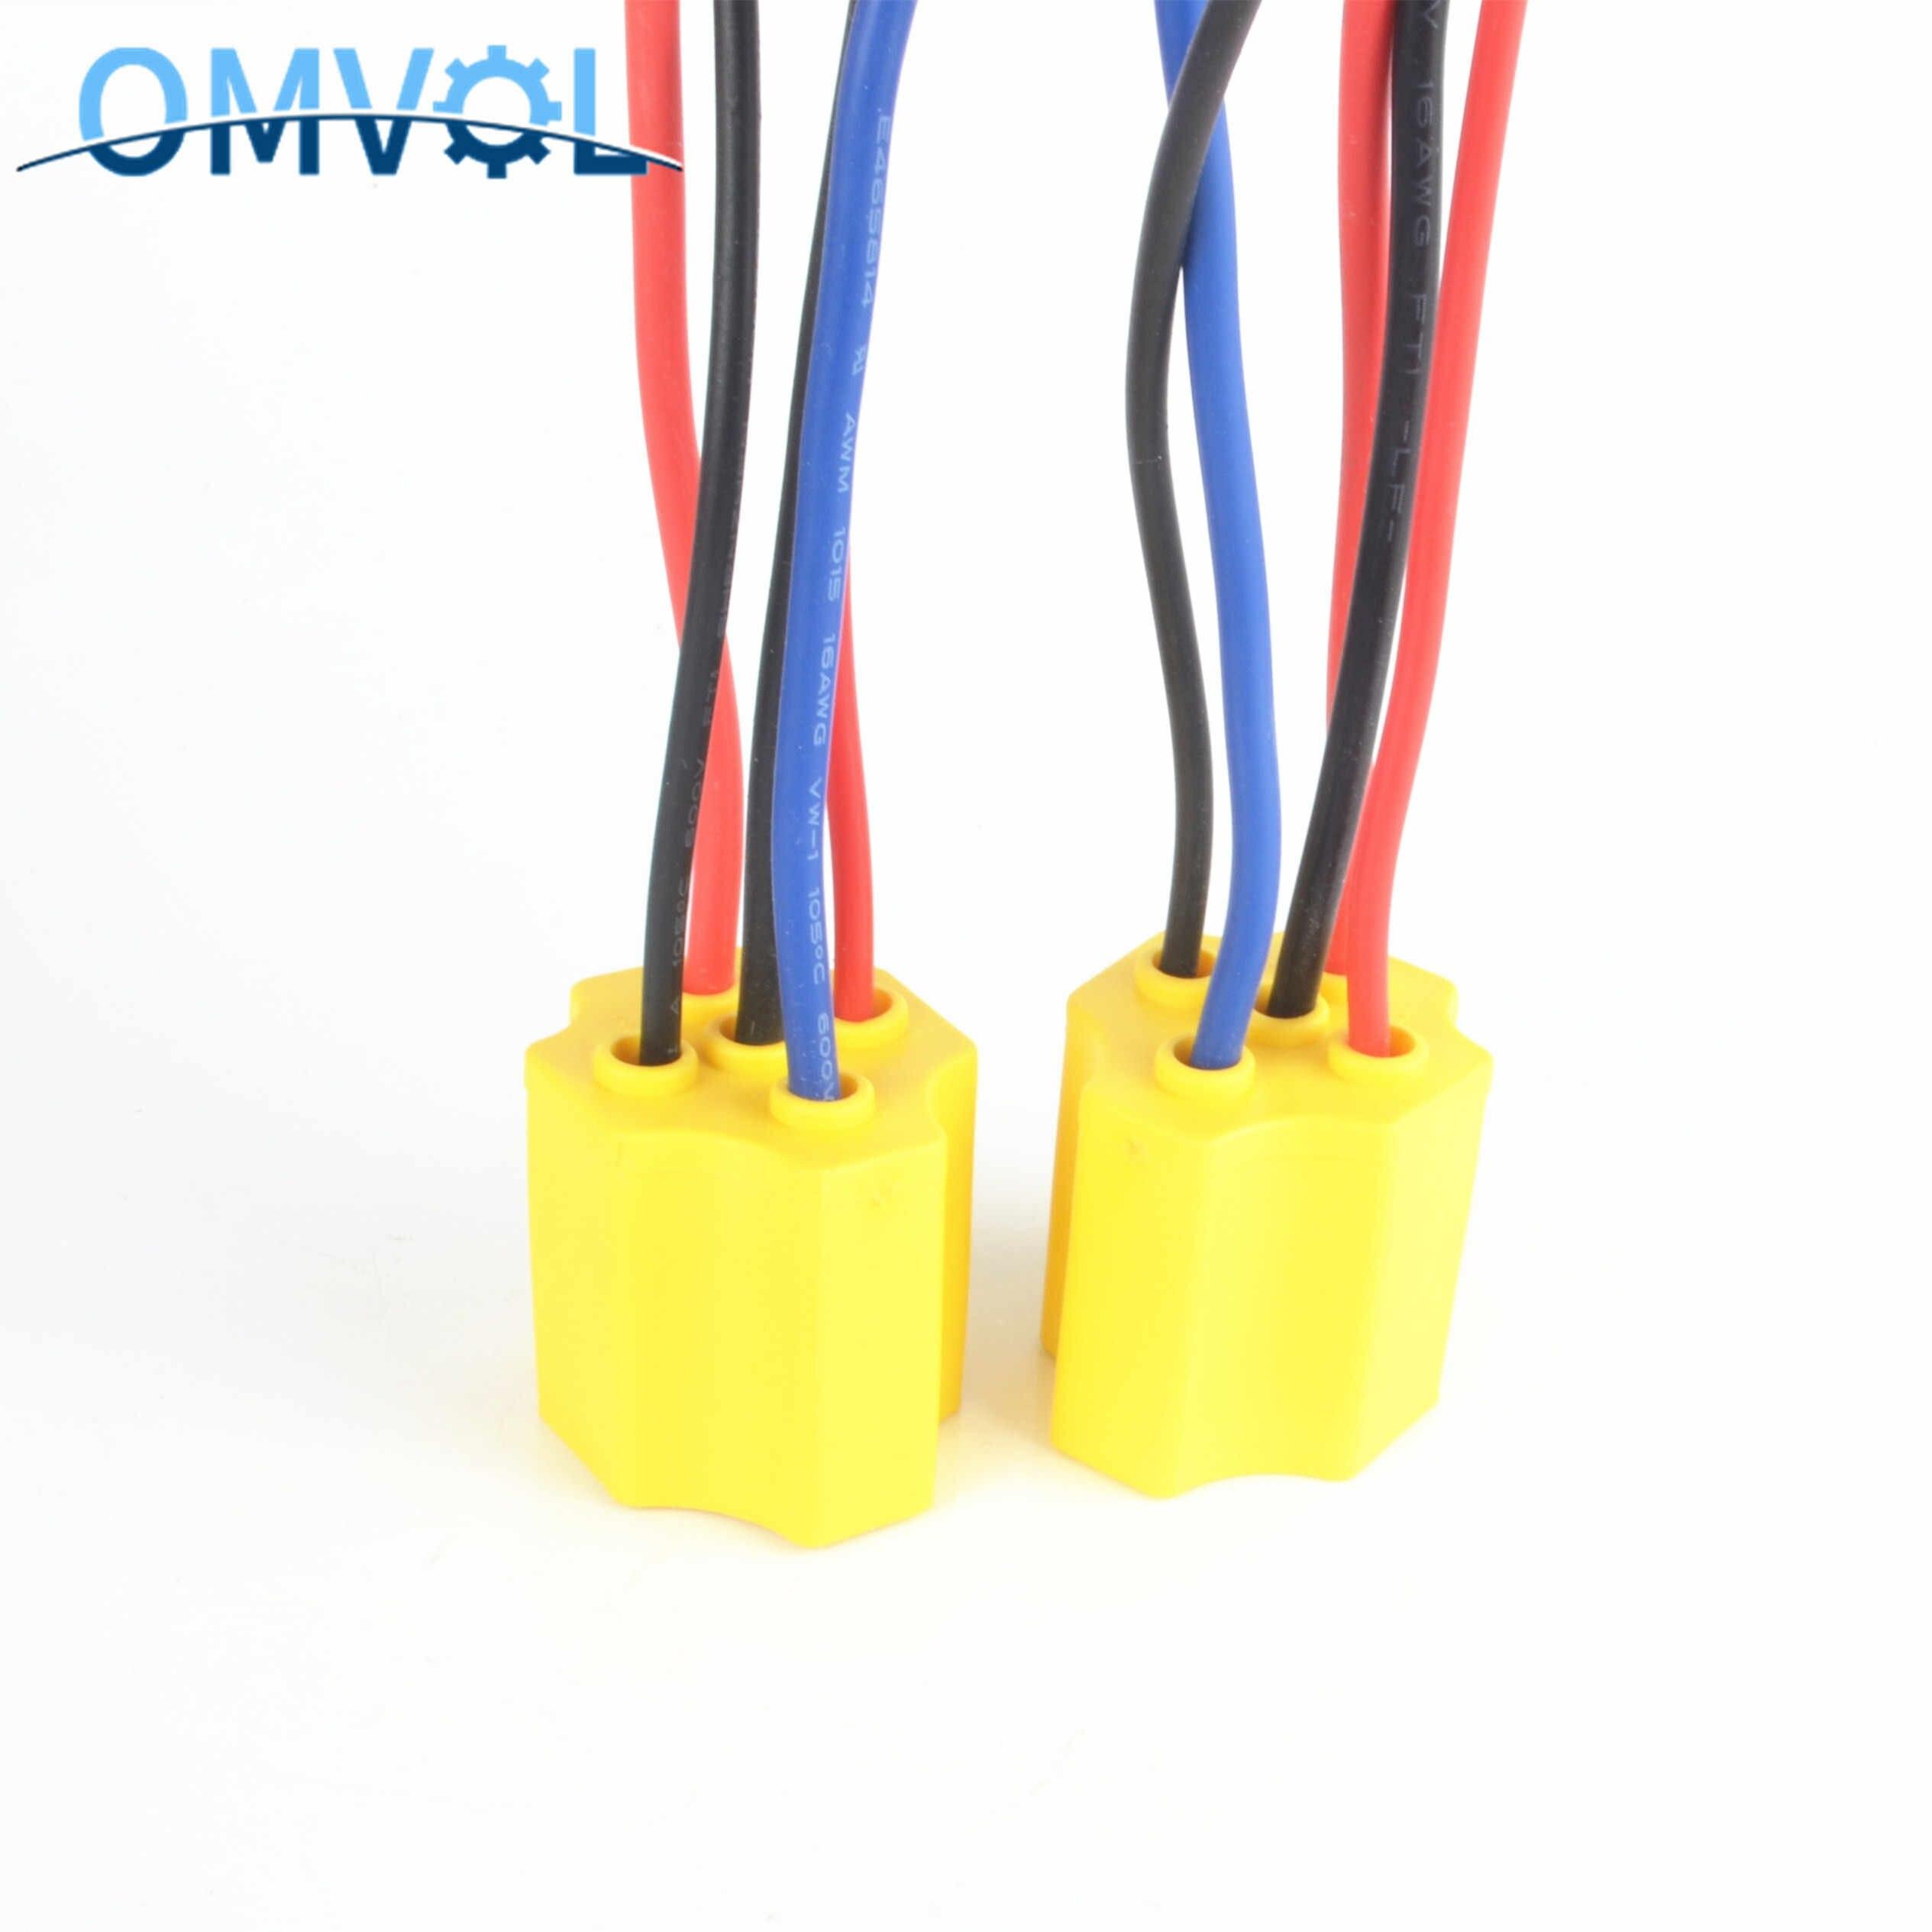 เซรามิครีเลย์รถผู้ถือ,5 pins อัตโนมัติซ็อกเก็ตรีเลย์ 5 PIN รีเลย์ plug 10 ซม.